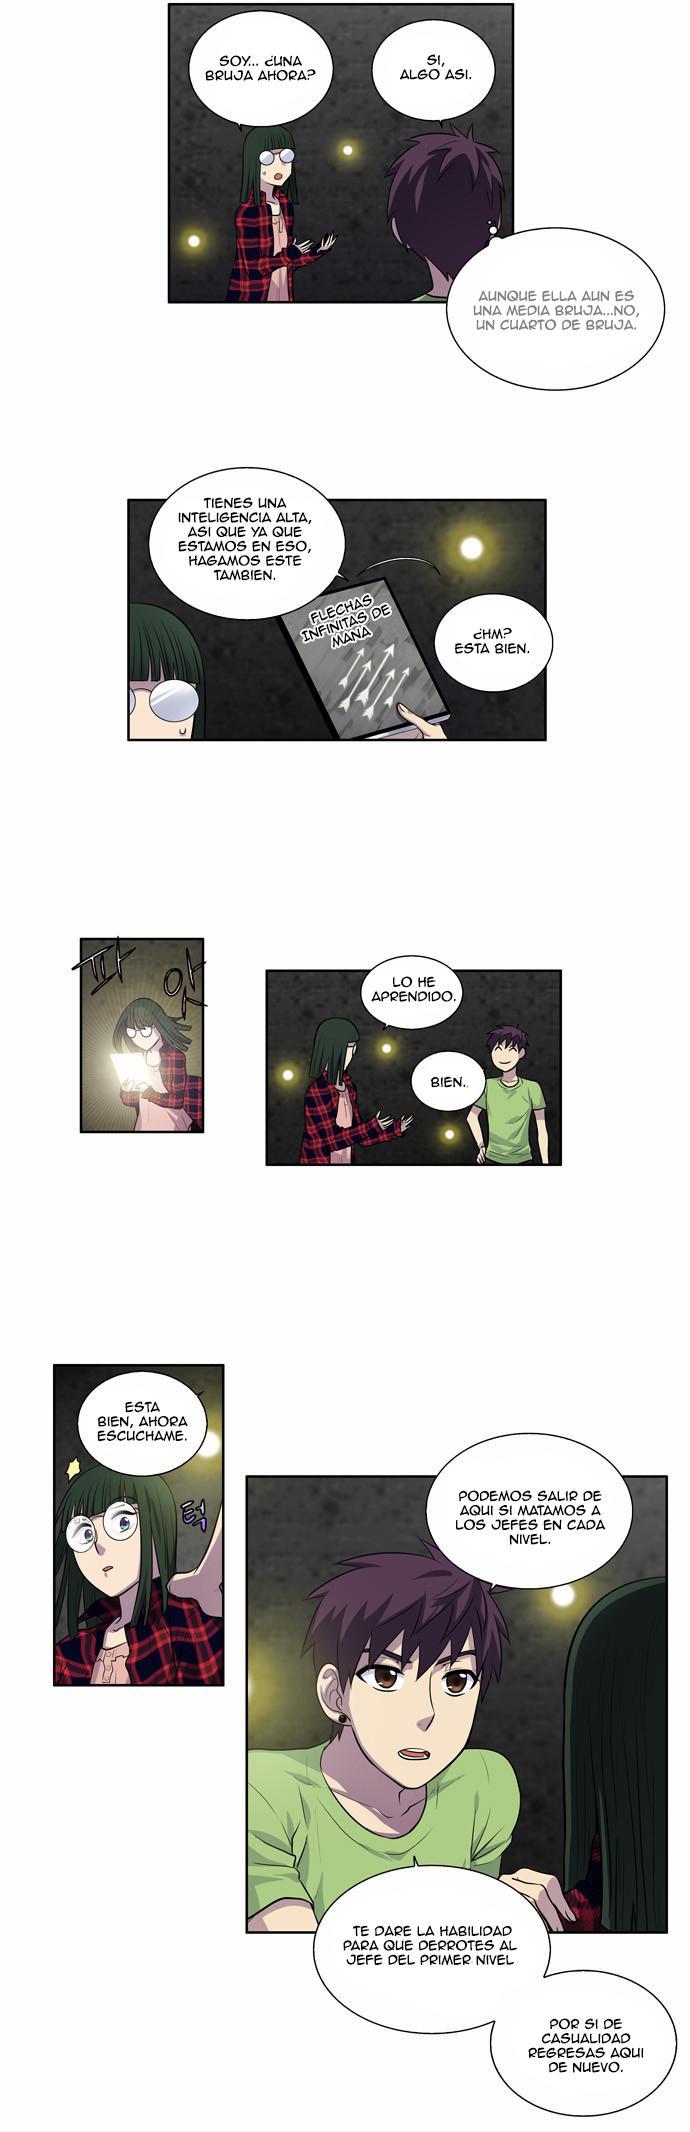 https://c5.ninemanga.com/es_manga/61/1725/423523/46c2d9dd8ea2457367e2d53a9d0baddb.jpg Page 7